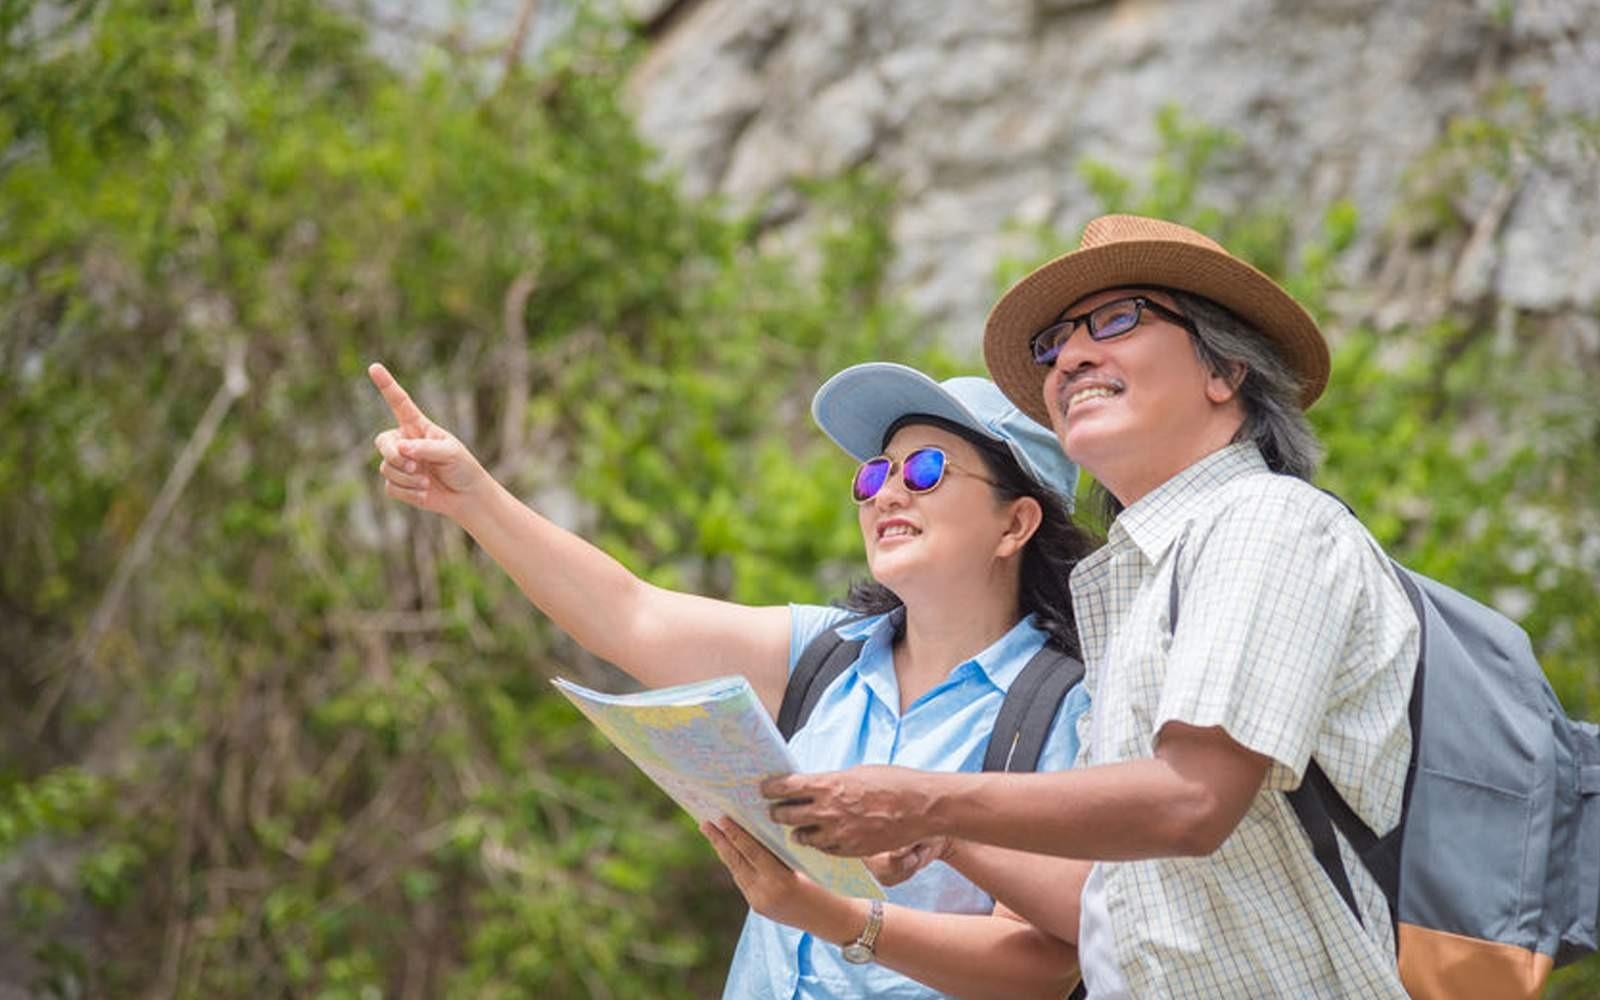 Tren Hiking, Inilah Manfaatnya untuk Penderita Diabetes